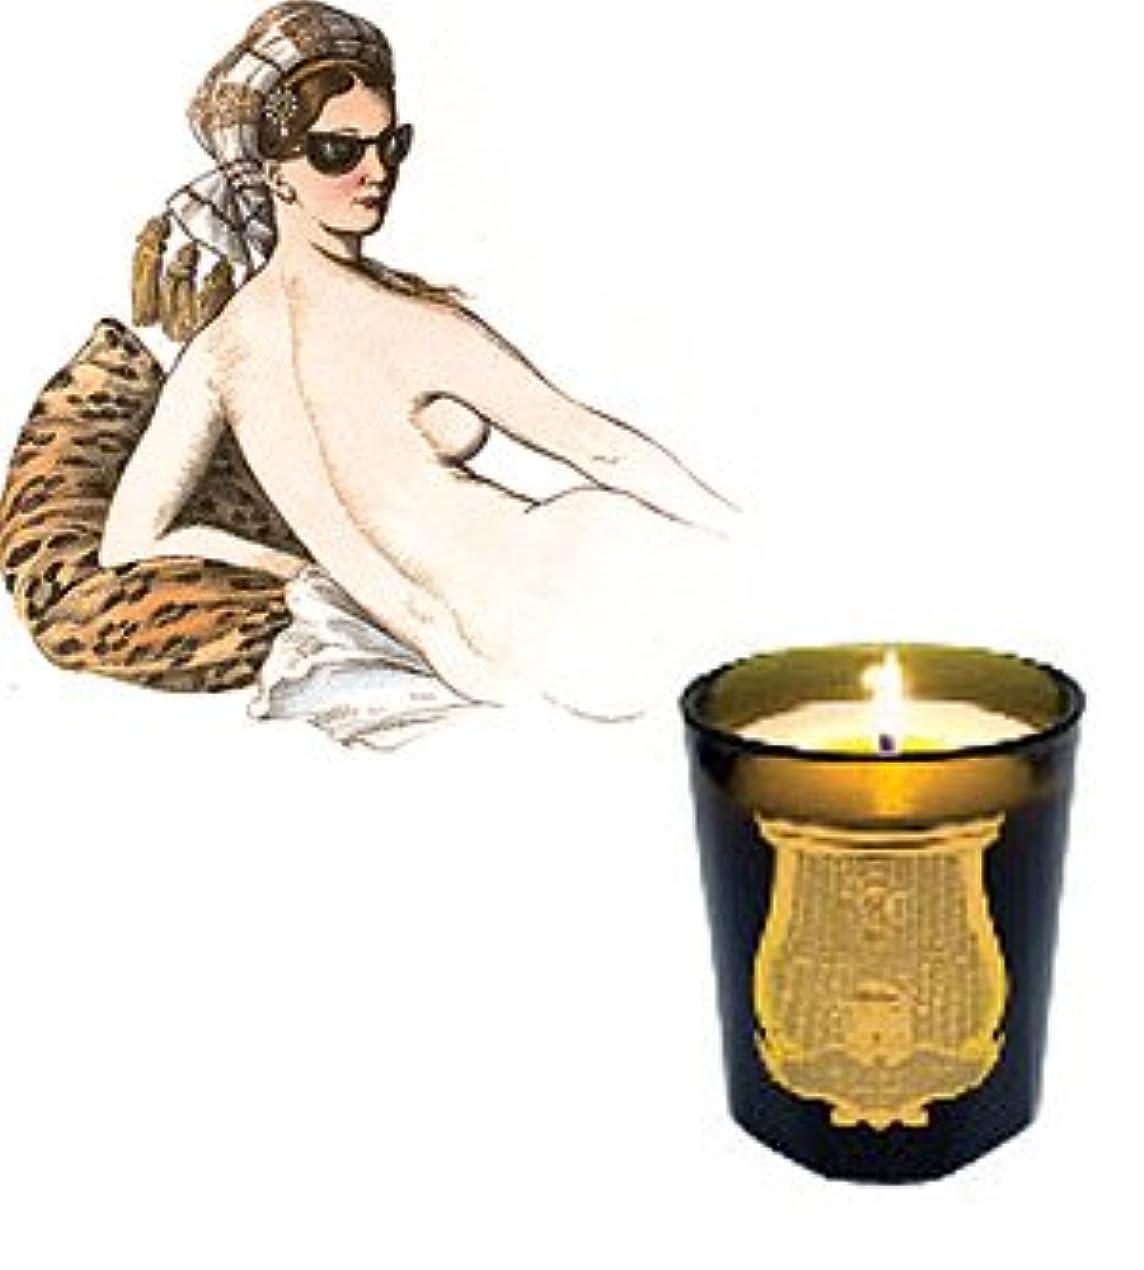 無力同行読むCire Trudon Rose Poivree Candle 28.35 G by Gianbattista Valli for 9.5 oz UCIR06923